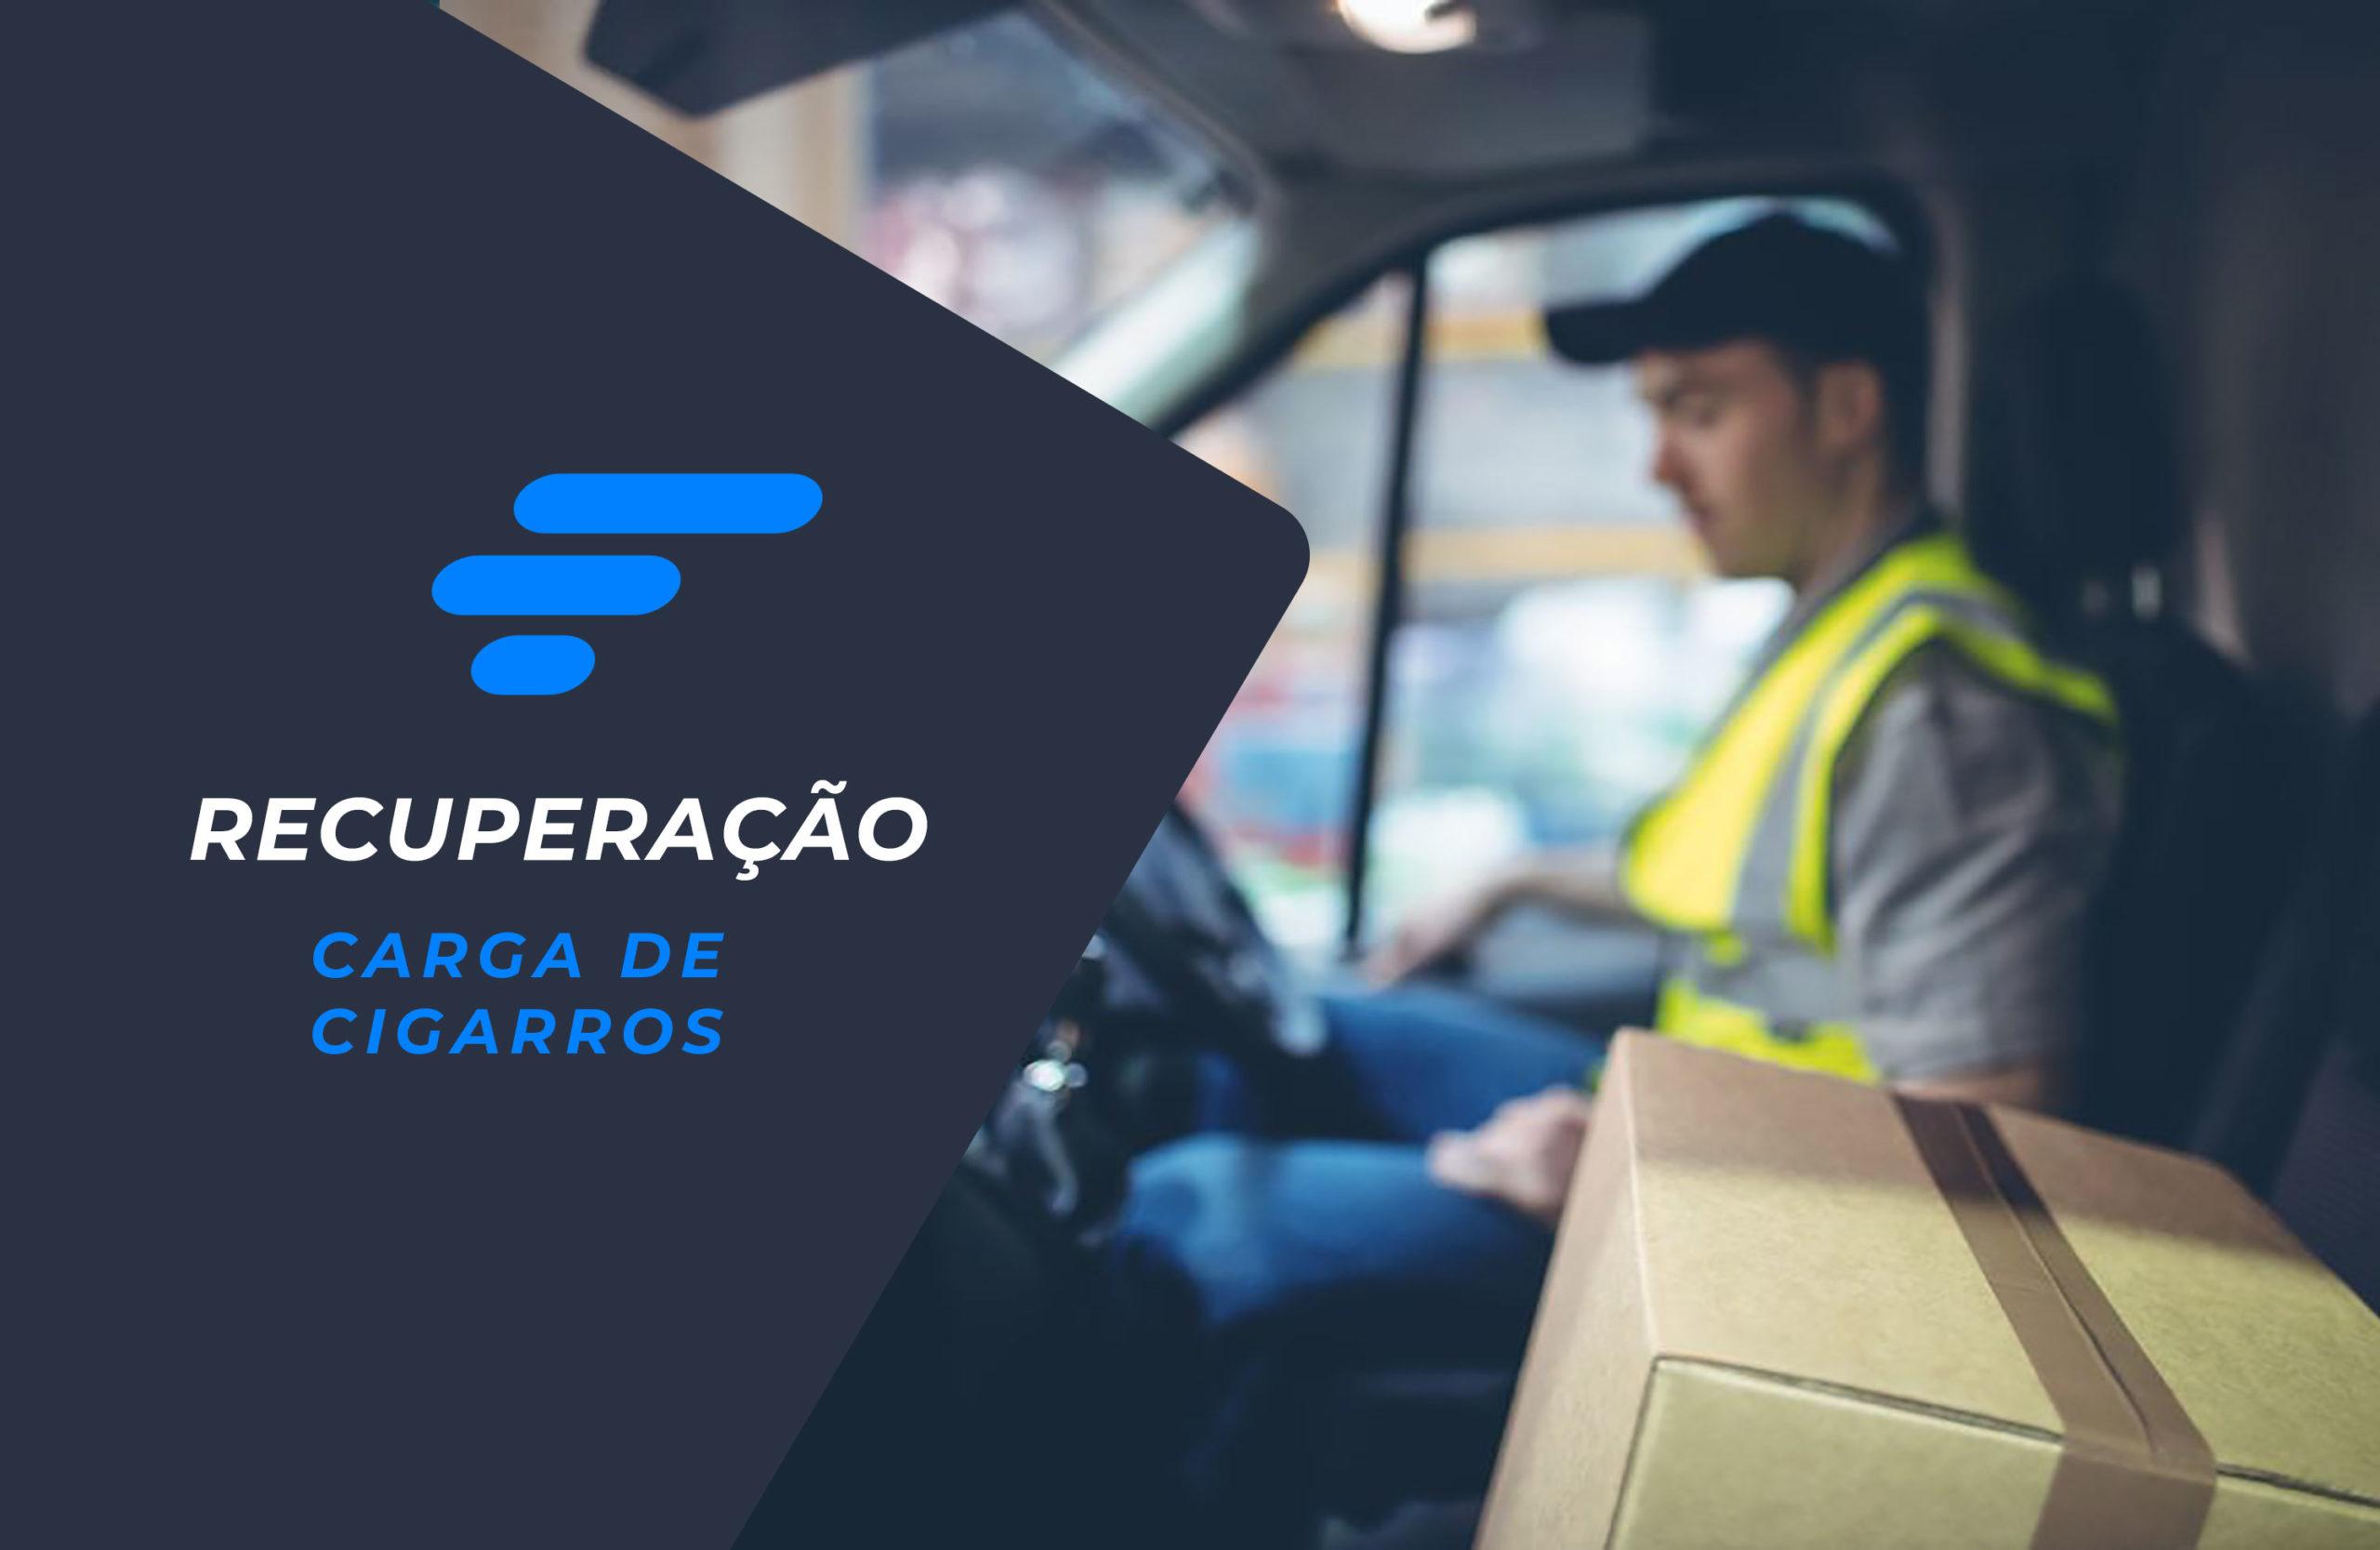 Skymark recupera carga de cigarros na cidade de Alvorada – RS